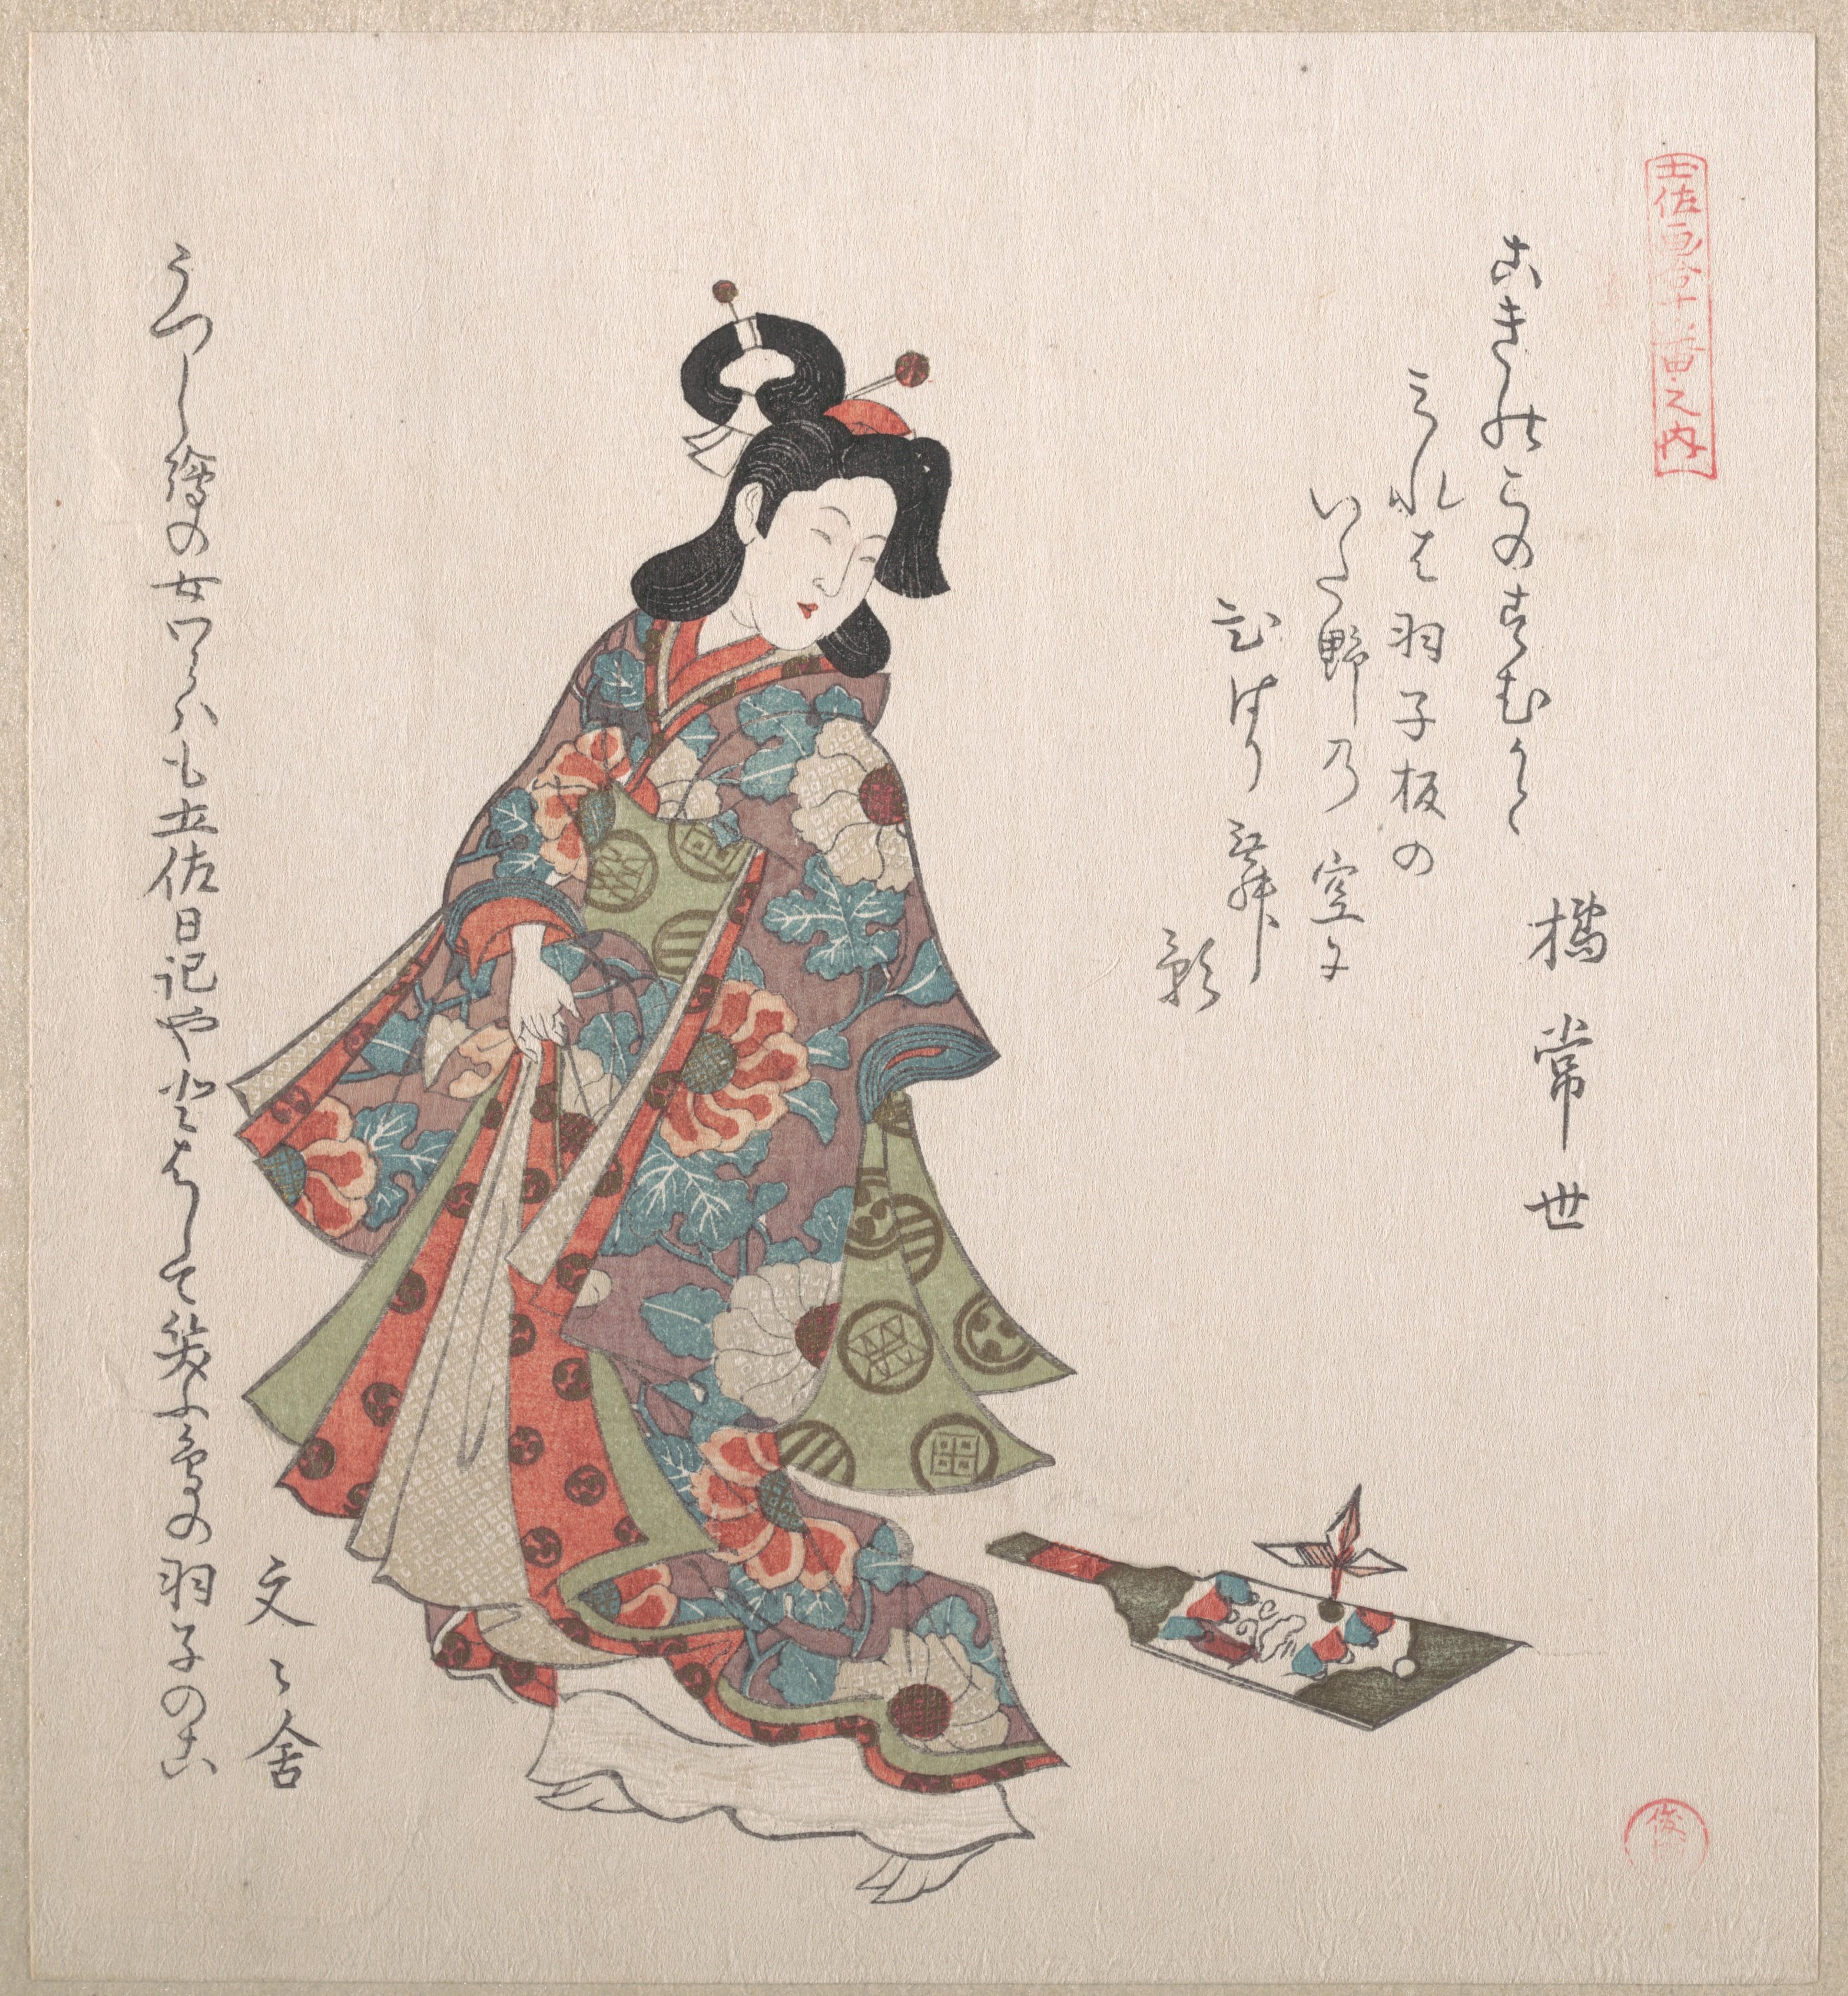 Девушка и хагоита (счастливая декоративная ракетка)_ок.1815_202х184 мм